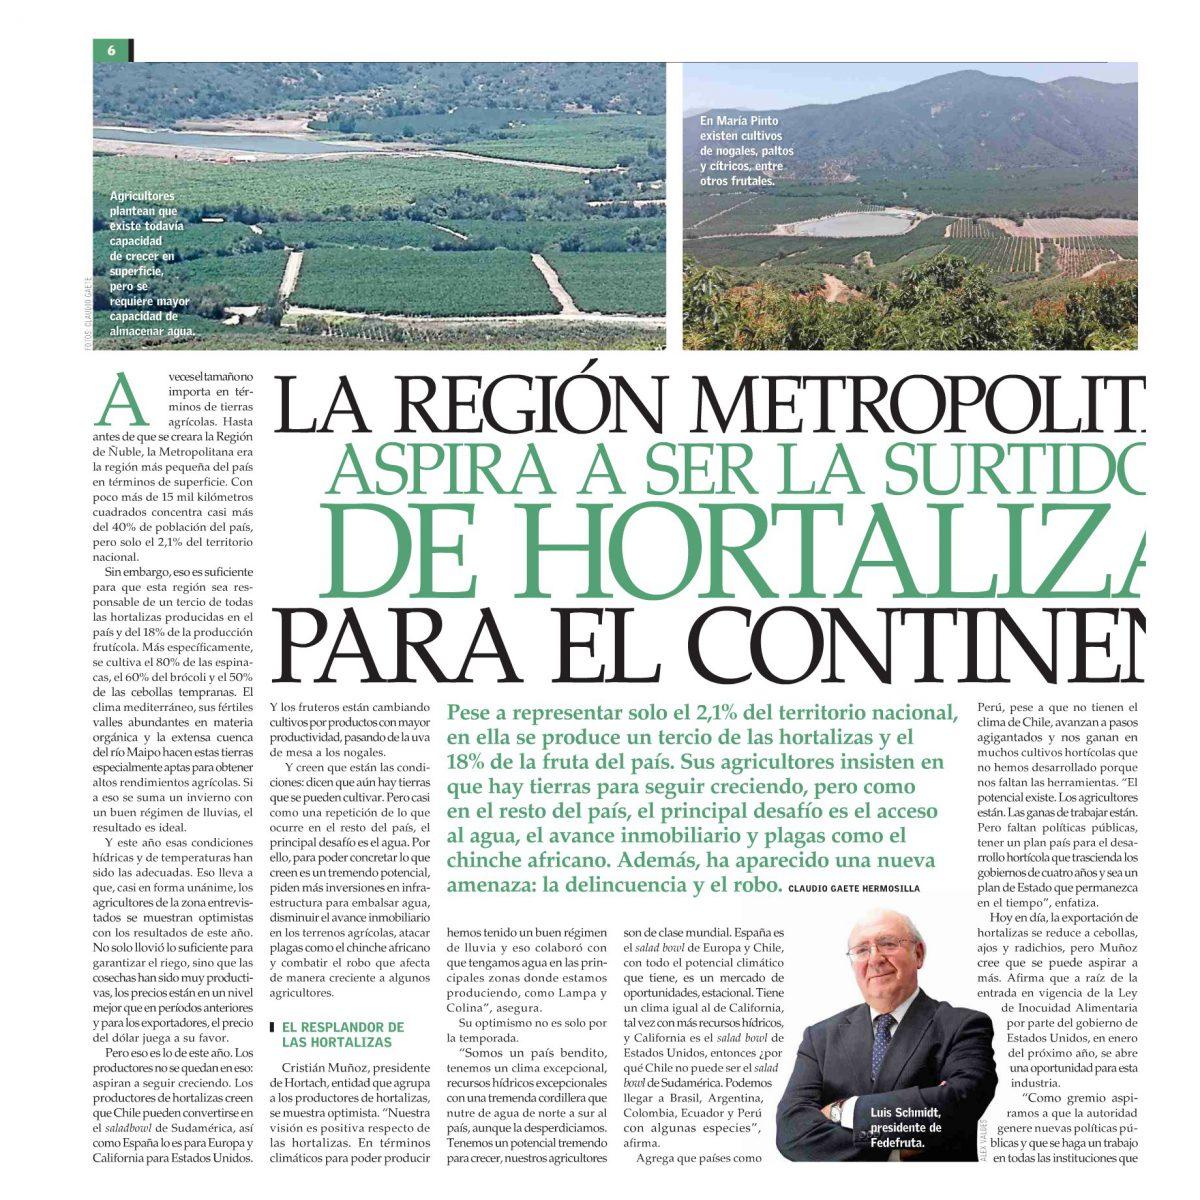 La Región Metropolitana aspira a ser la surtidora de hortalizas para el continente